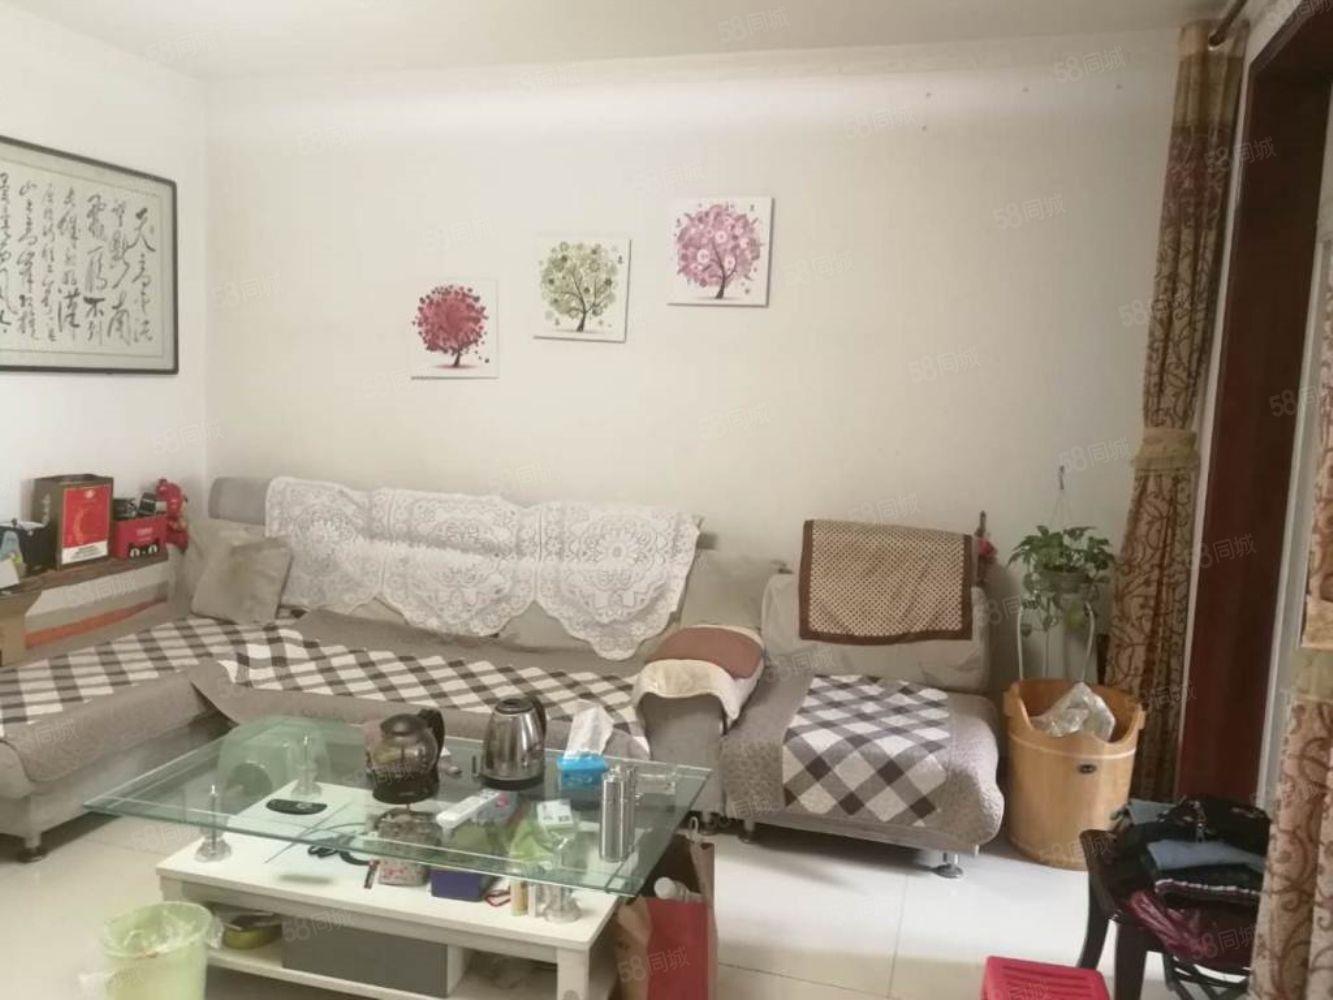 文林路(紫韵东城)简装两室带家具钻石3楼集中供暖可按揭学區房